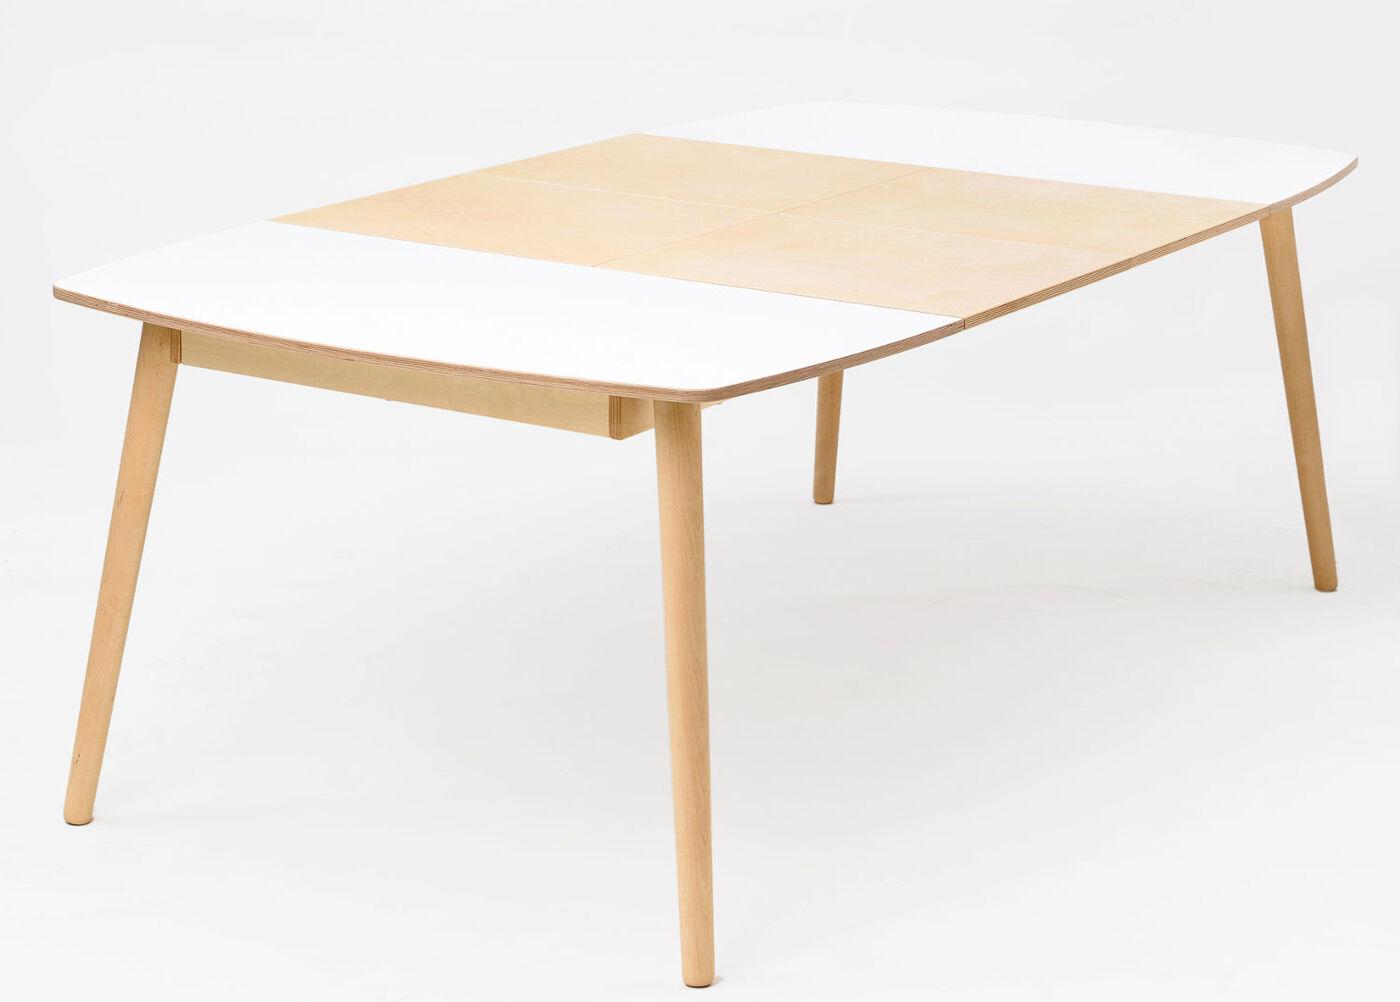 Radis jatkettava ruokapöytä Nam-Nam 96x144-244 cm